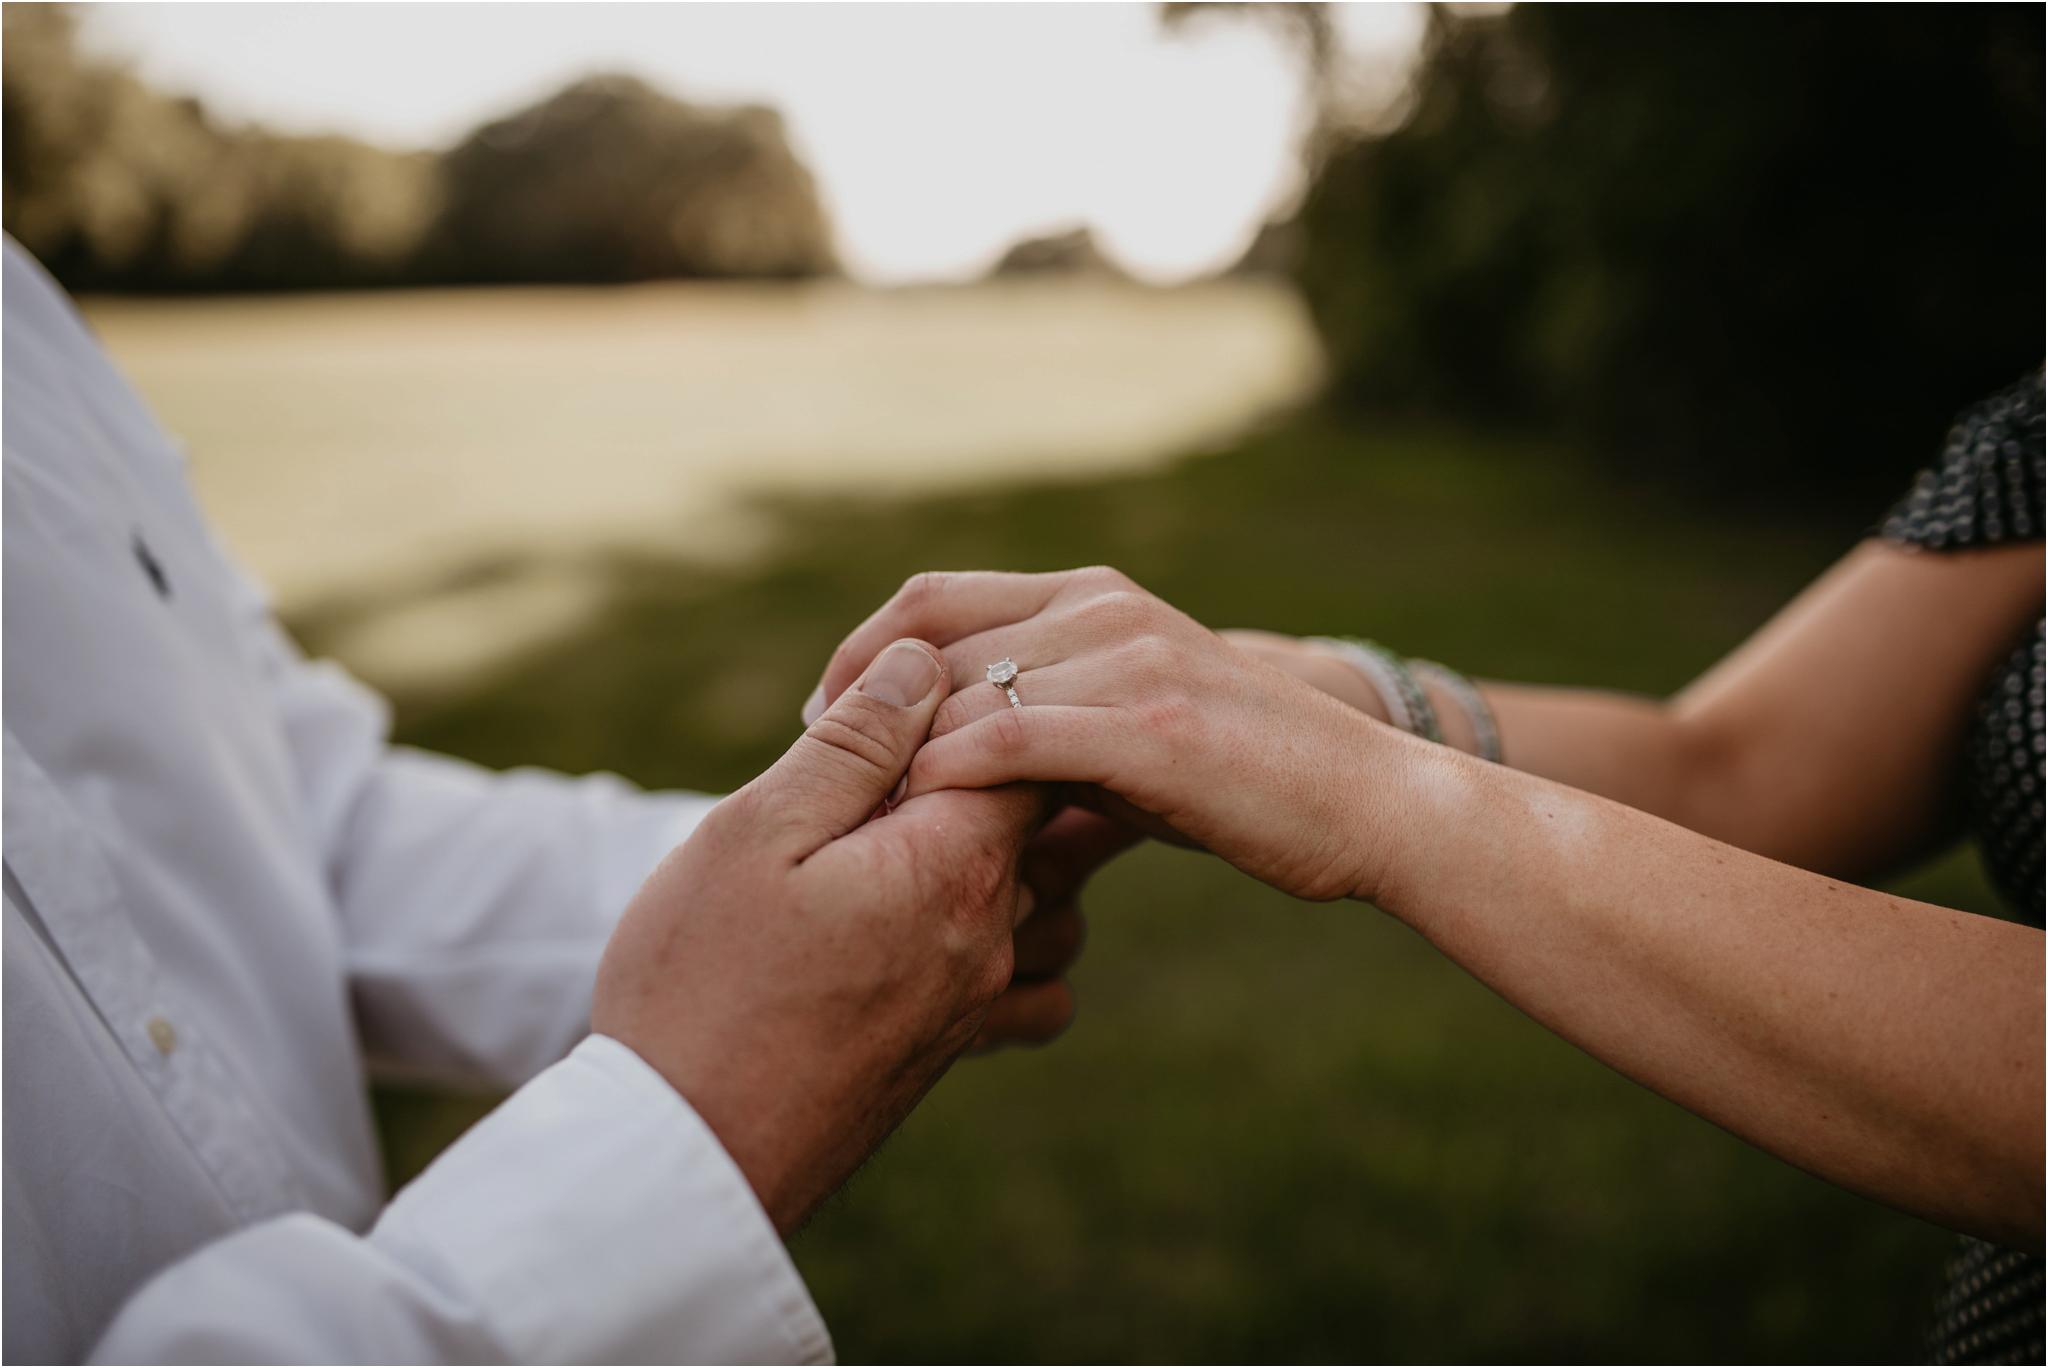 katie-and-eric-houston-oaks-engagement-session-houston-wedding-photographer-009.jpg